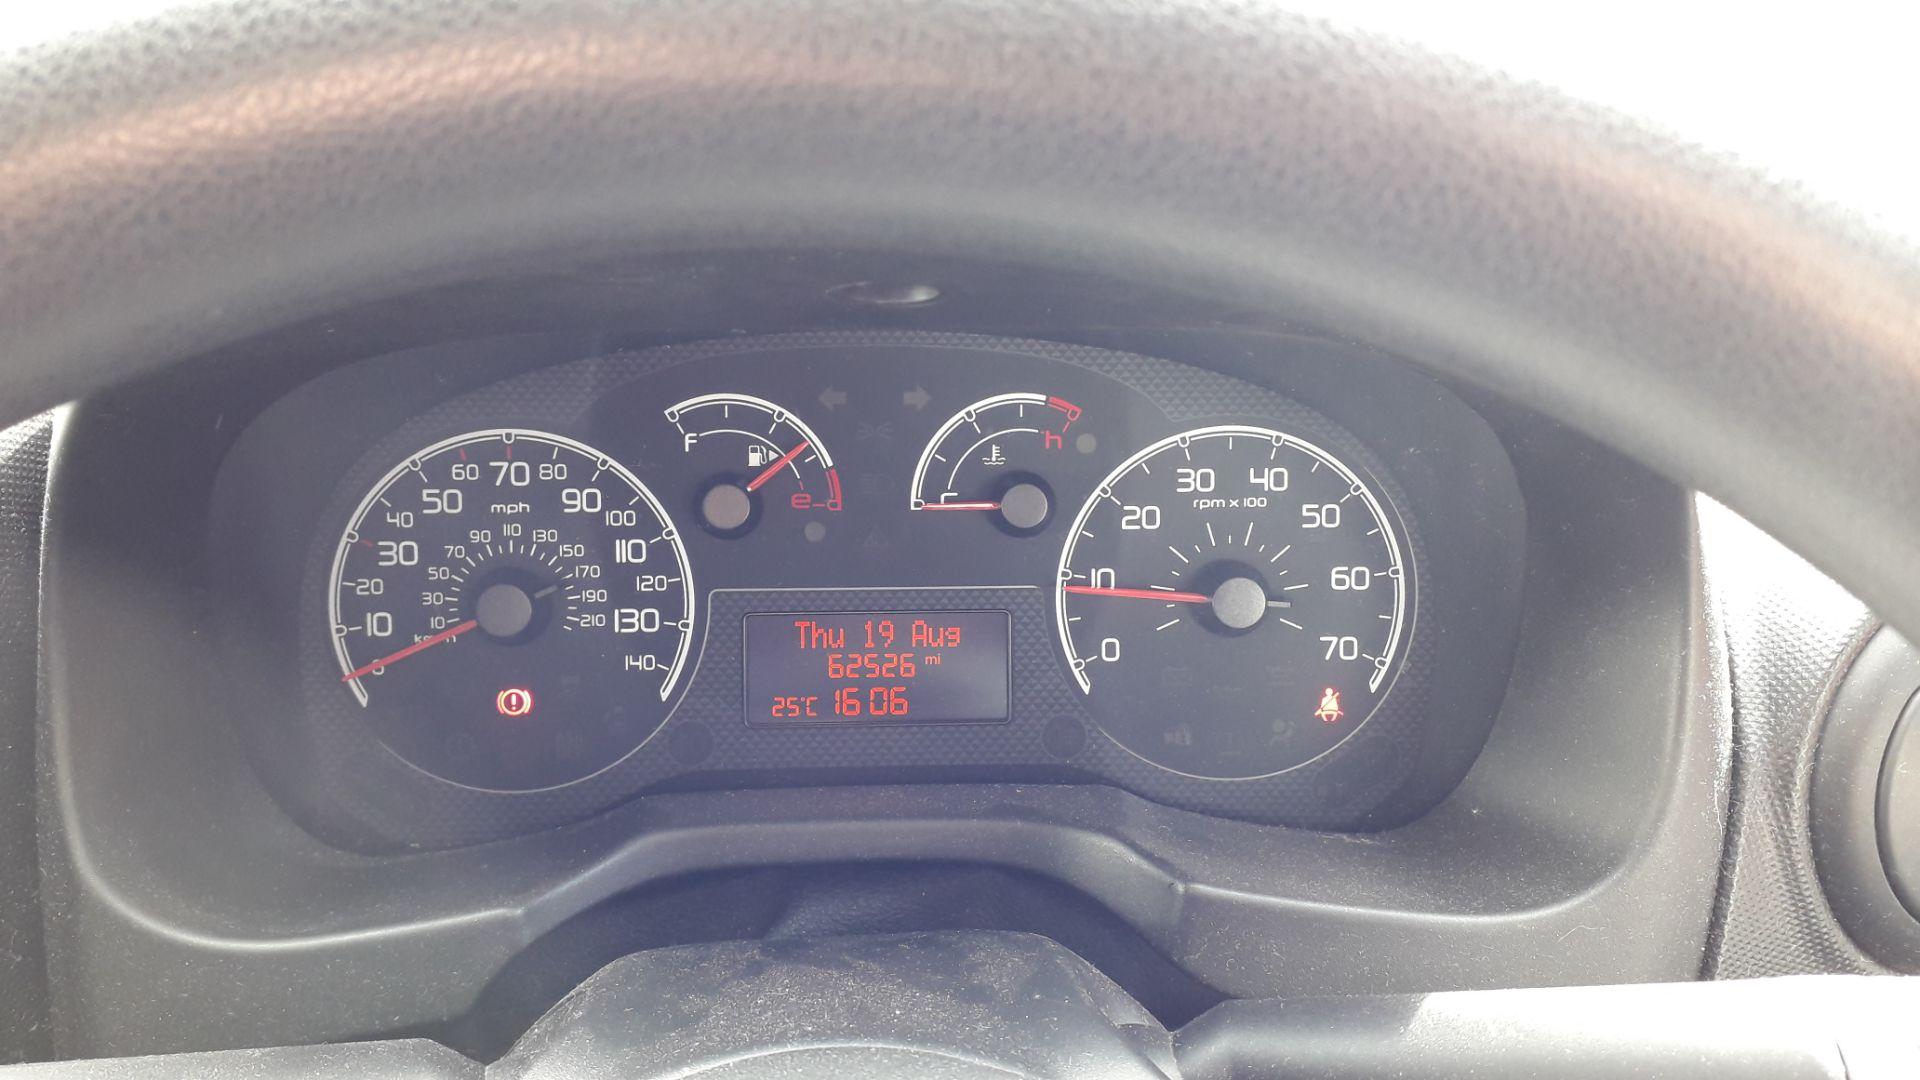 Peugeot Bipper 1.3 Hdi 75 S Diesel Van, Registrati - Image 8 of 10